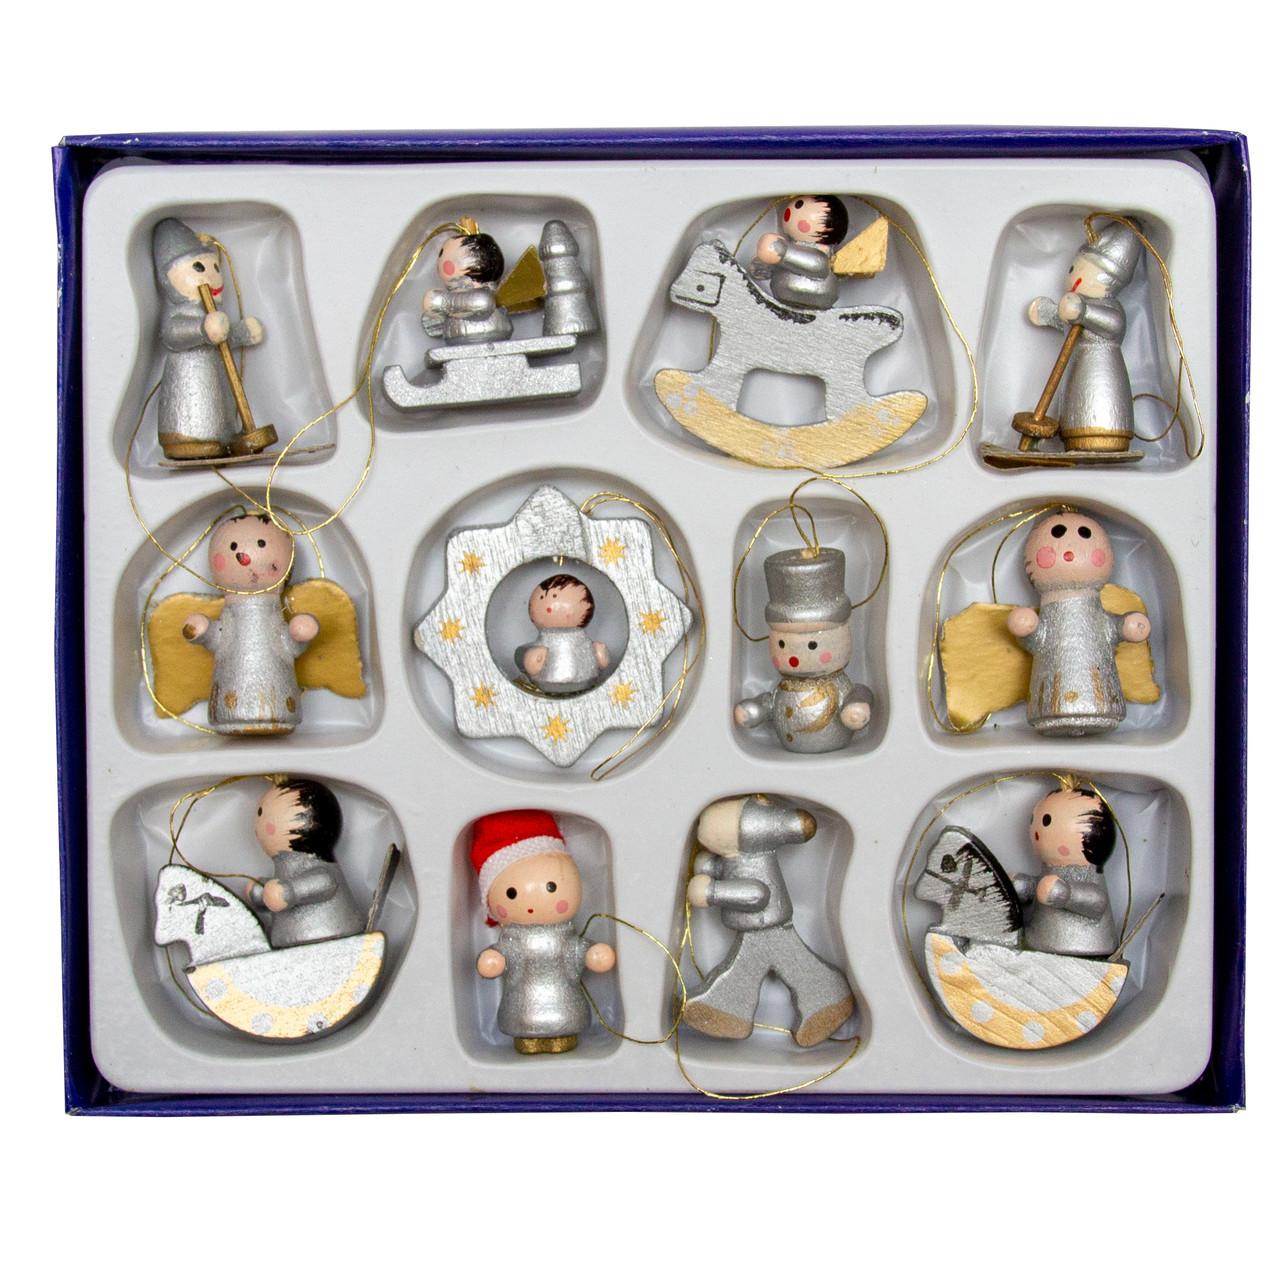 Набор елочных игрушек - деревянные фигурки, 12 шт, 12*15 см, разноцветный, дерево (060054)